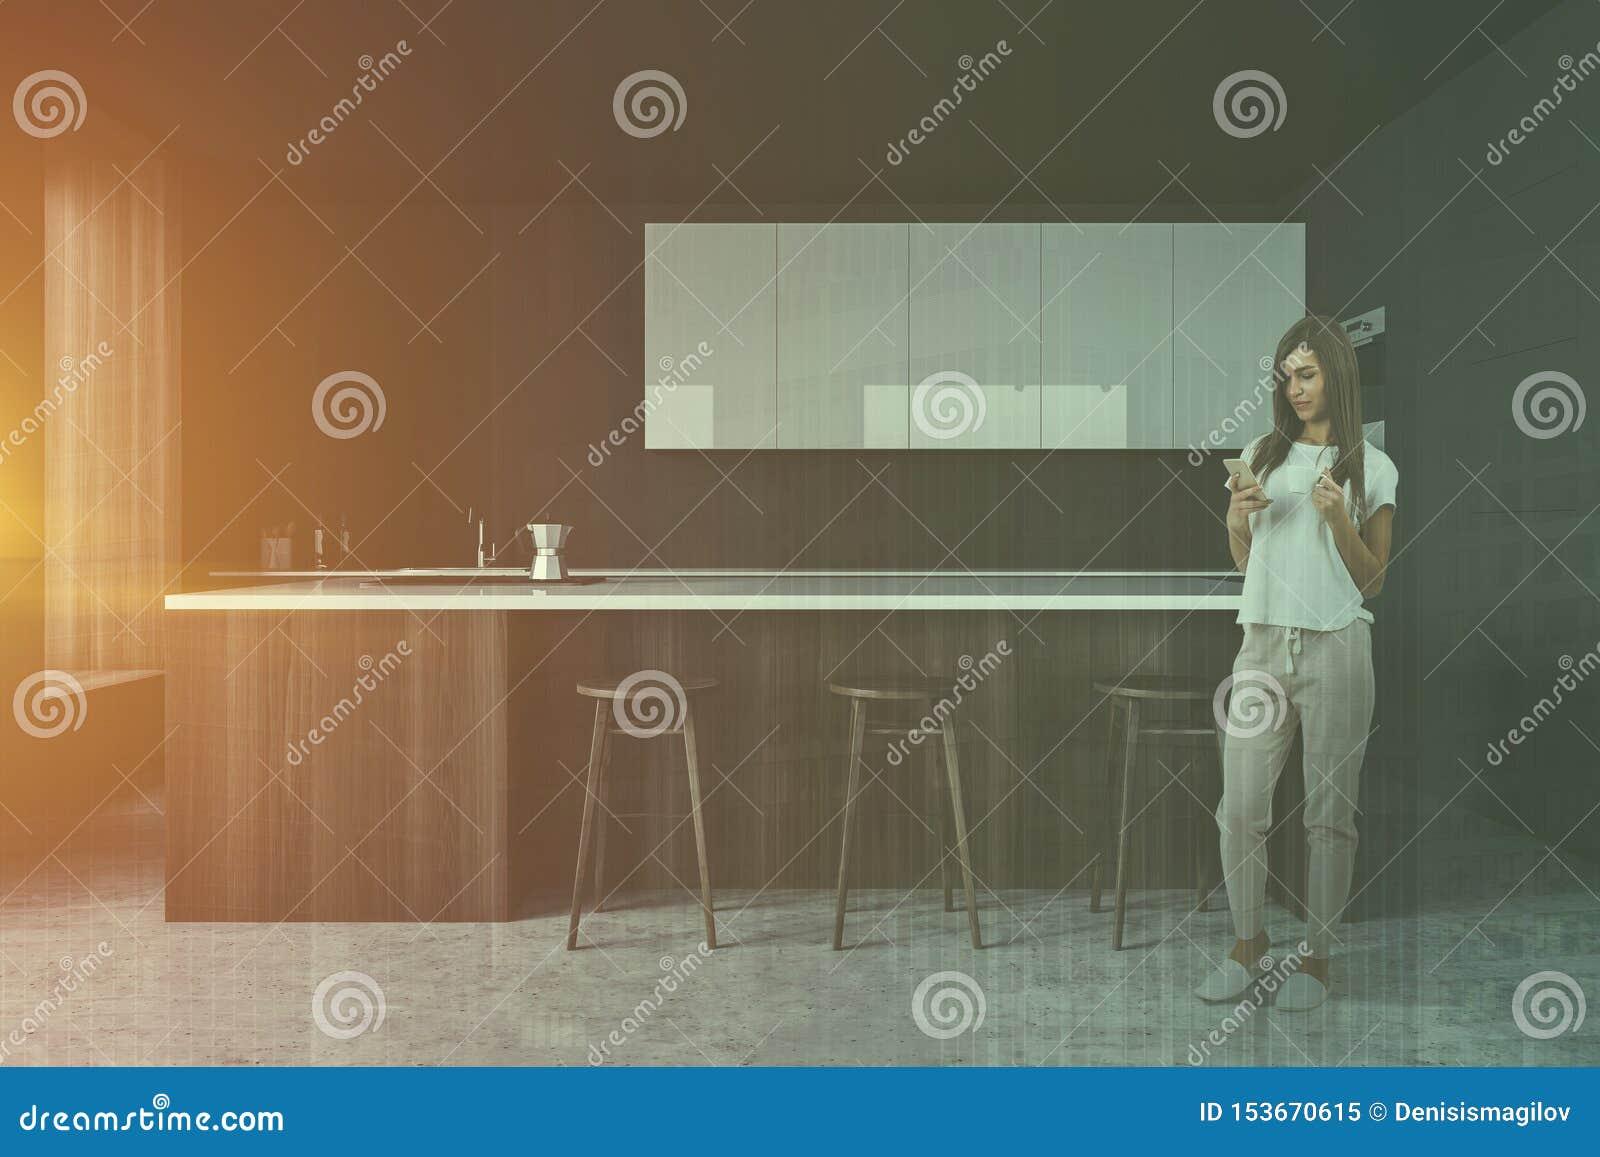 Kobieta w szarej kuchni z barem